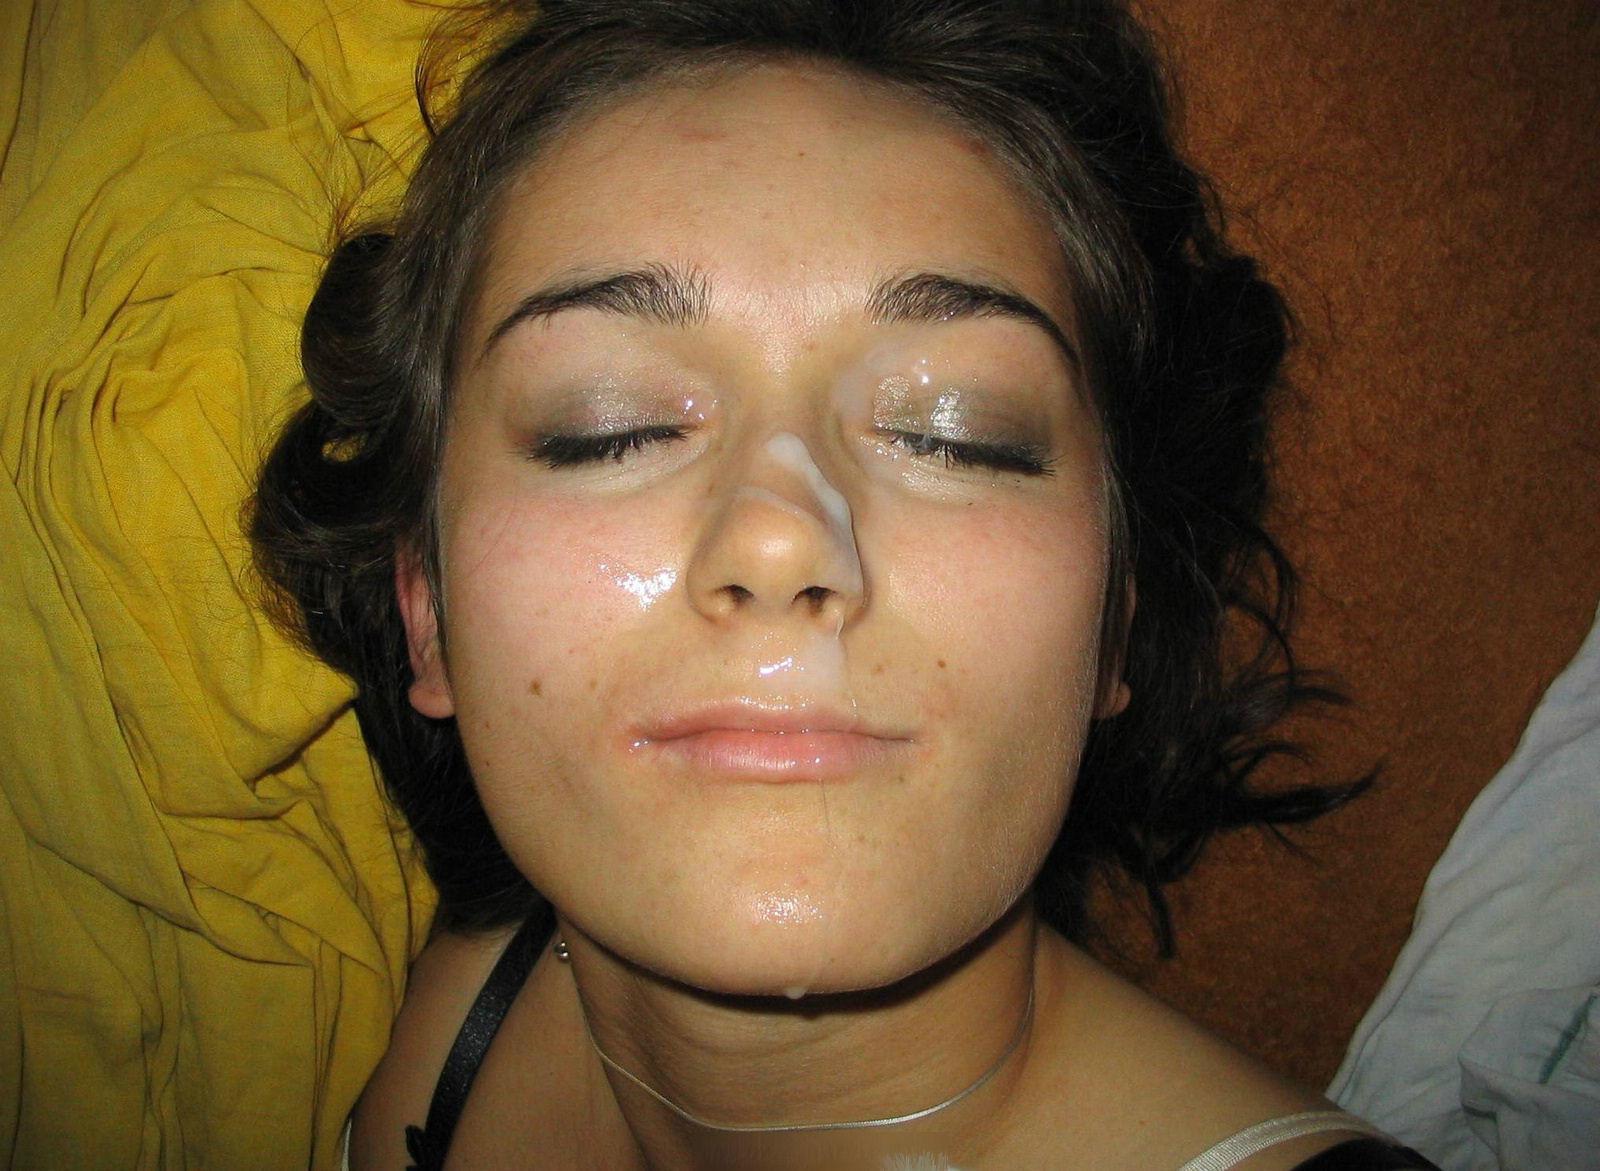 Фото женщина со спермой на лице, Девушки со спермой на лице Похожие порно фото 4 фотография